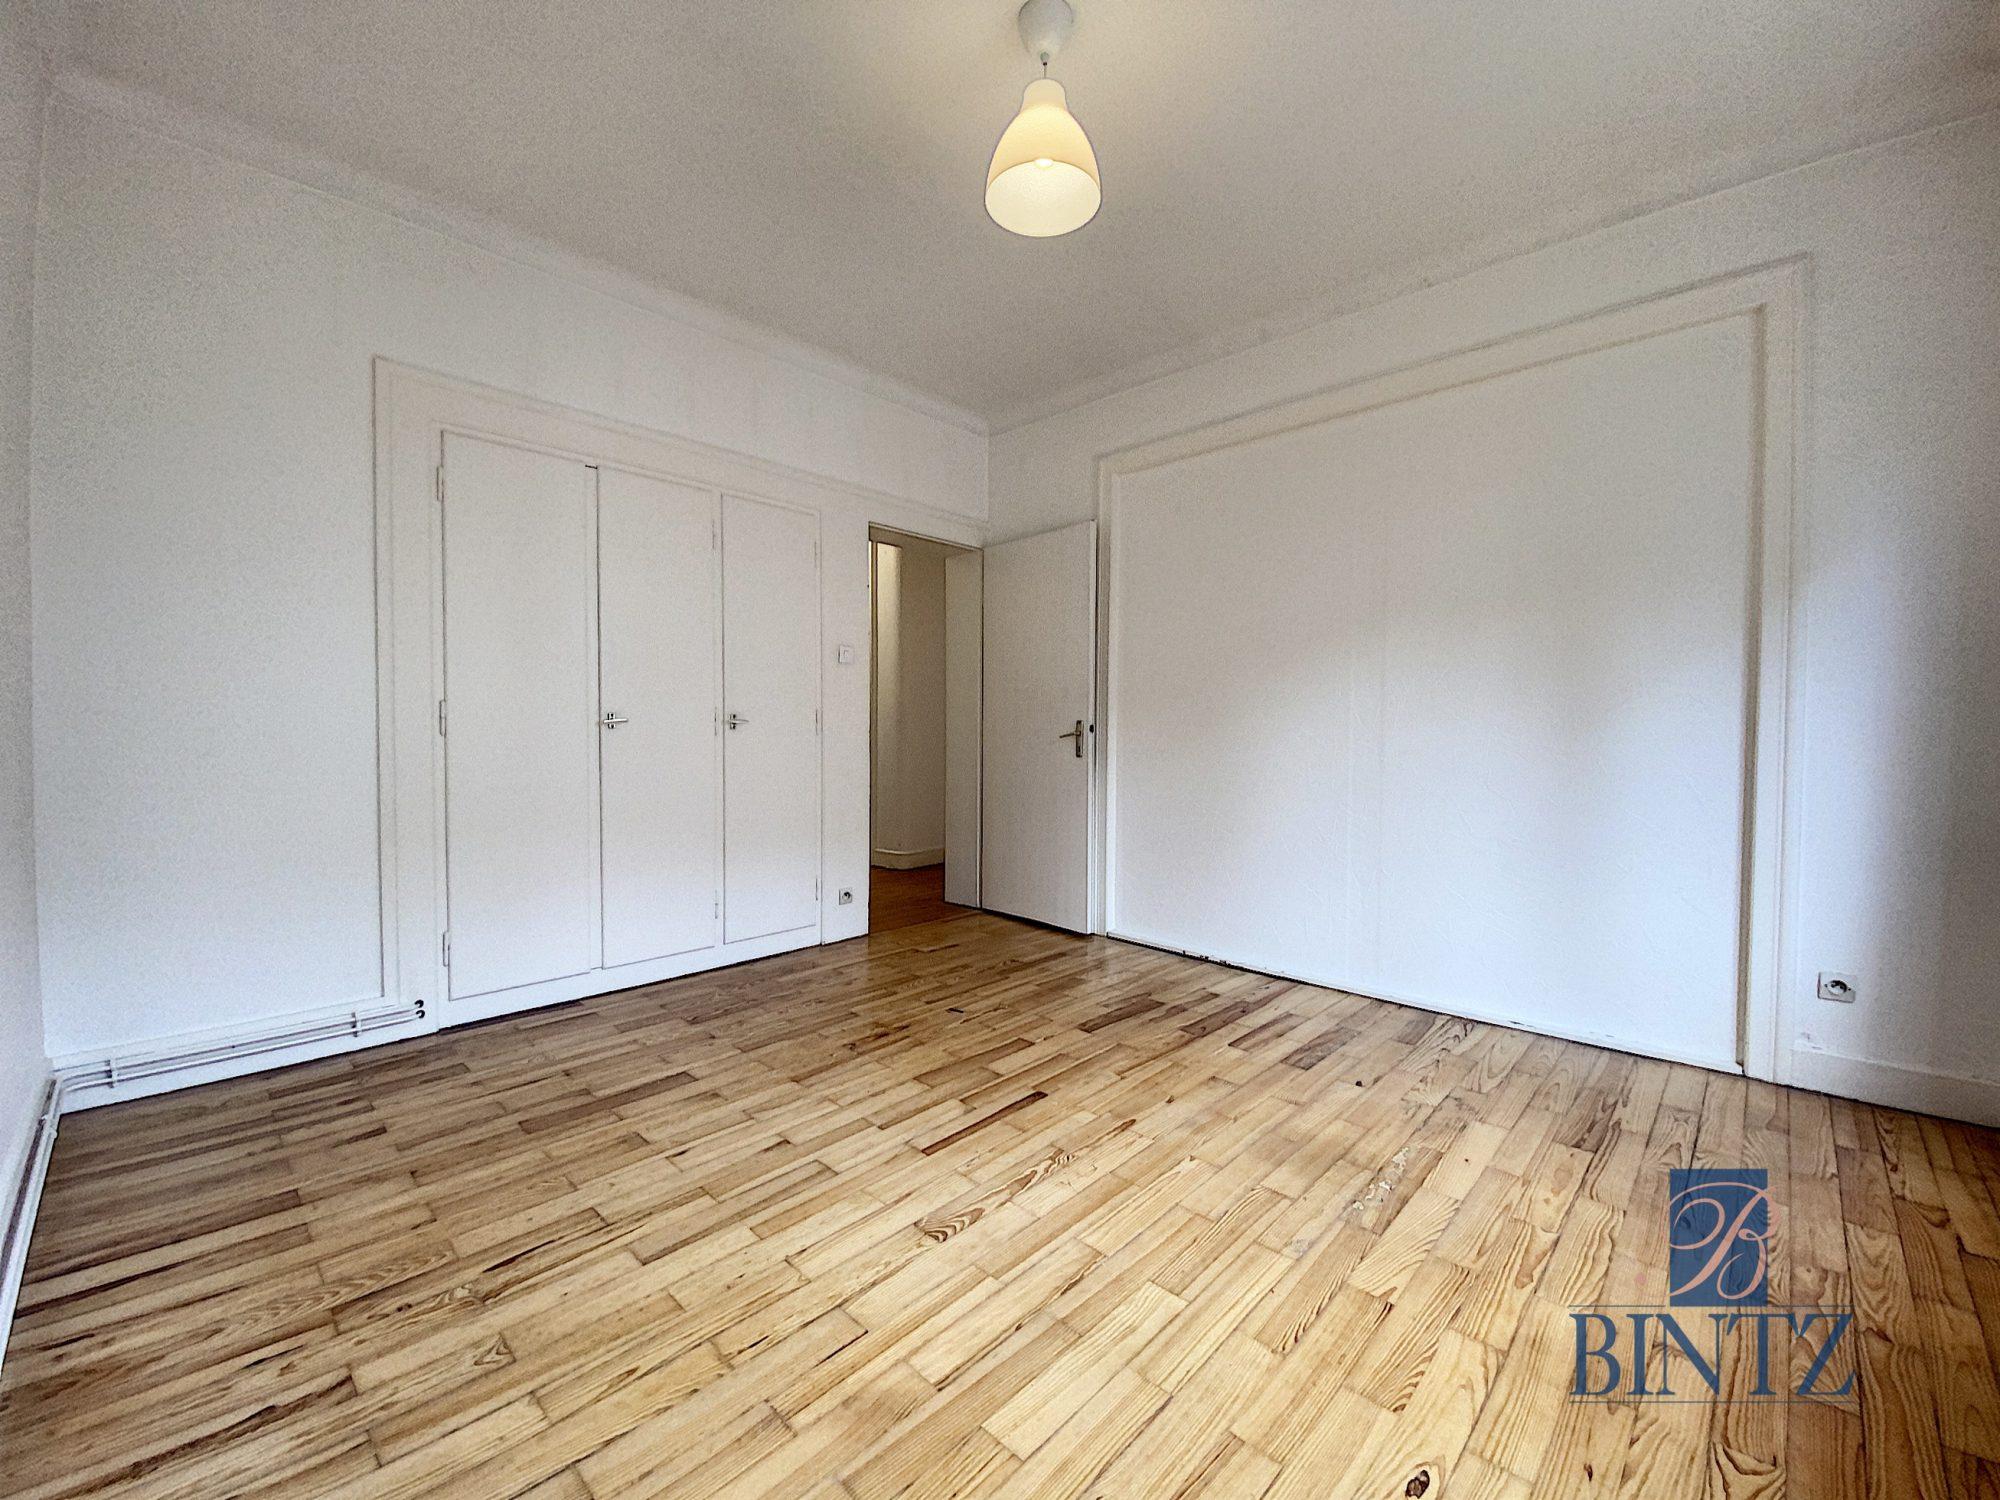 3P avec terrasse orangerie - Devenez locataire en toute sérénité - Bintz Immobilier - 20